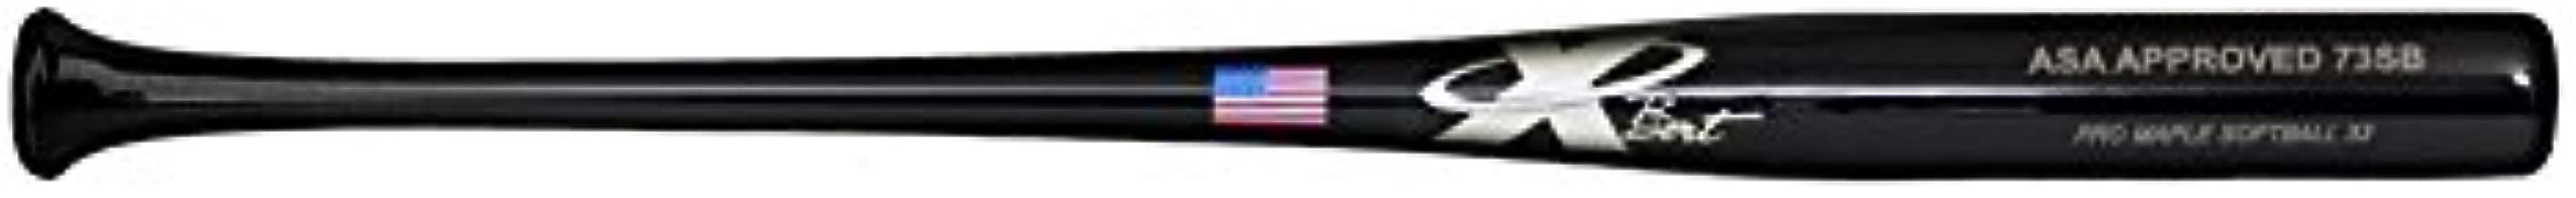 X Bats Pro Model 73SB - Wood Softball Bat - Maple - Black Finish - ASA Approved - (Fast Pitch/Slow Pitch)